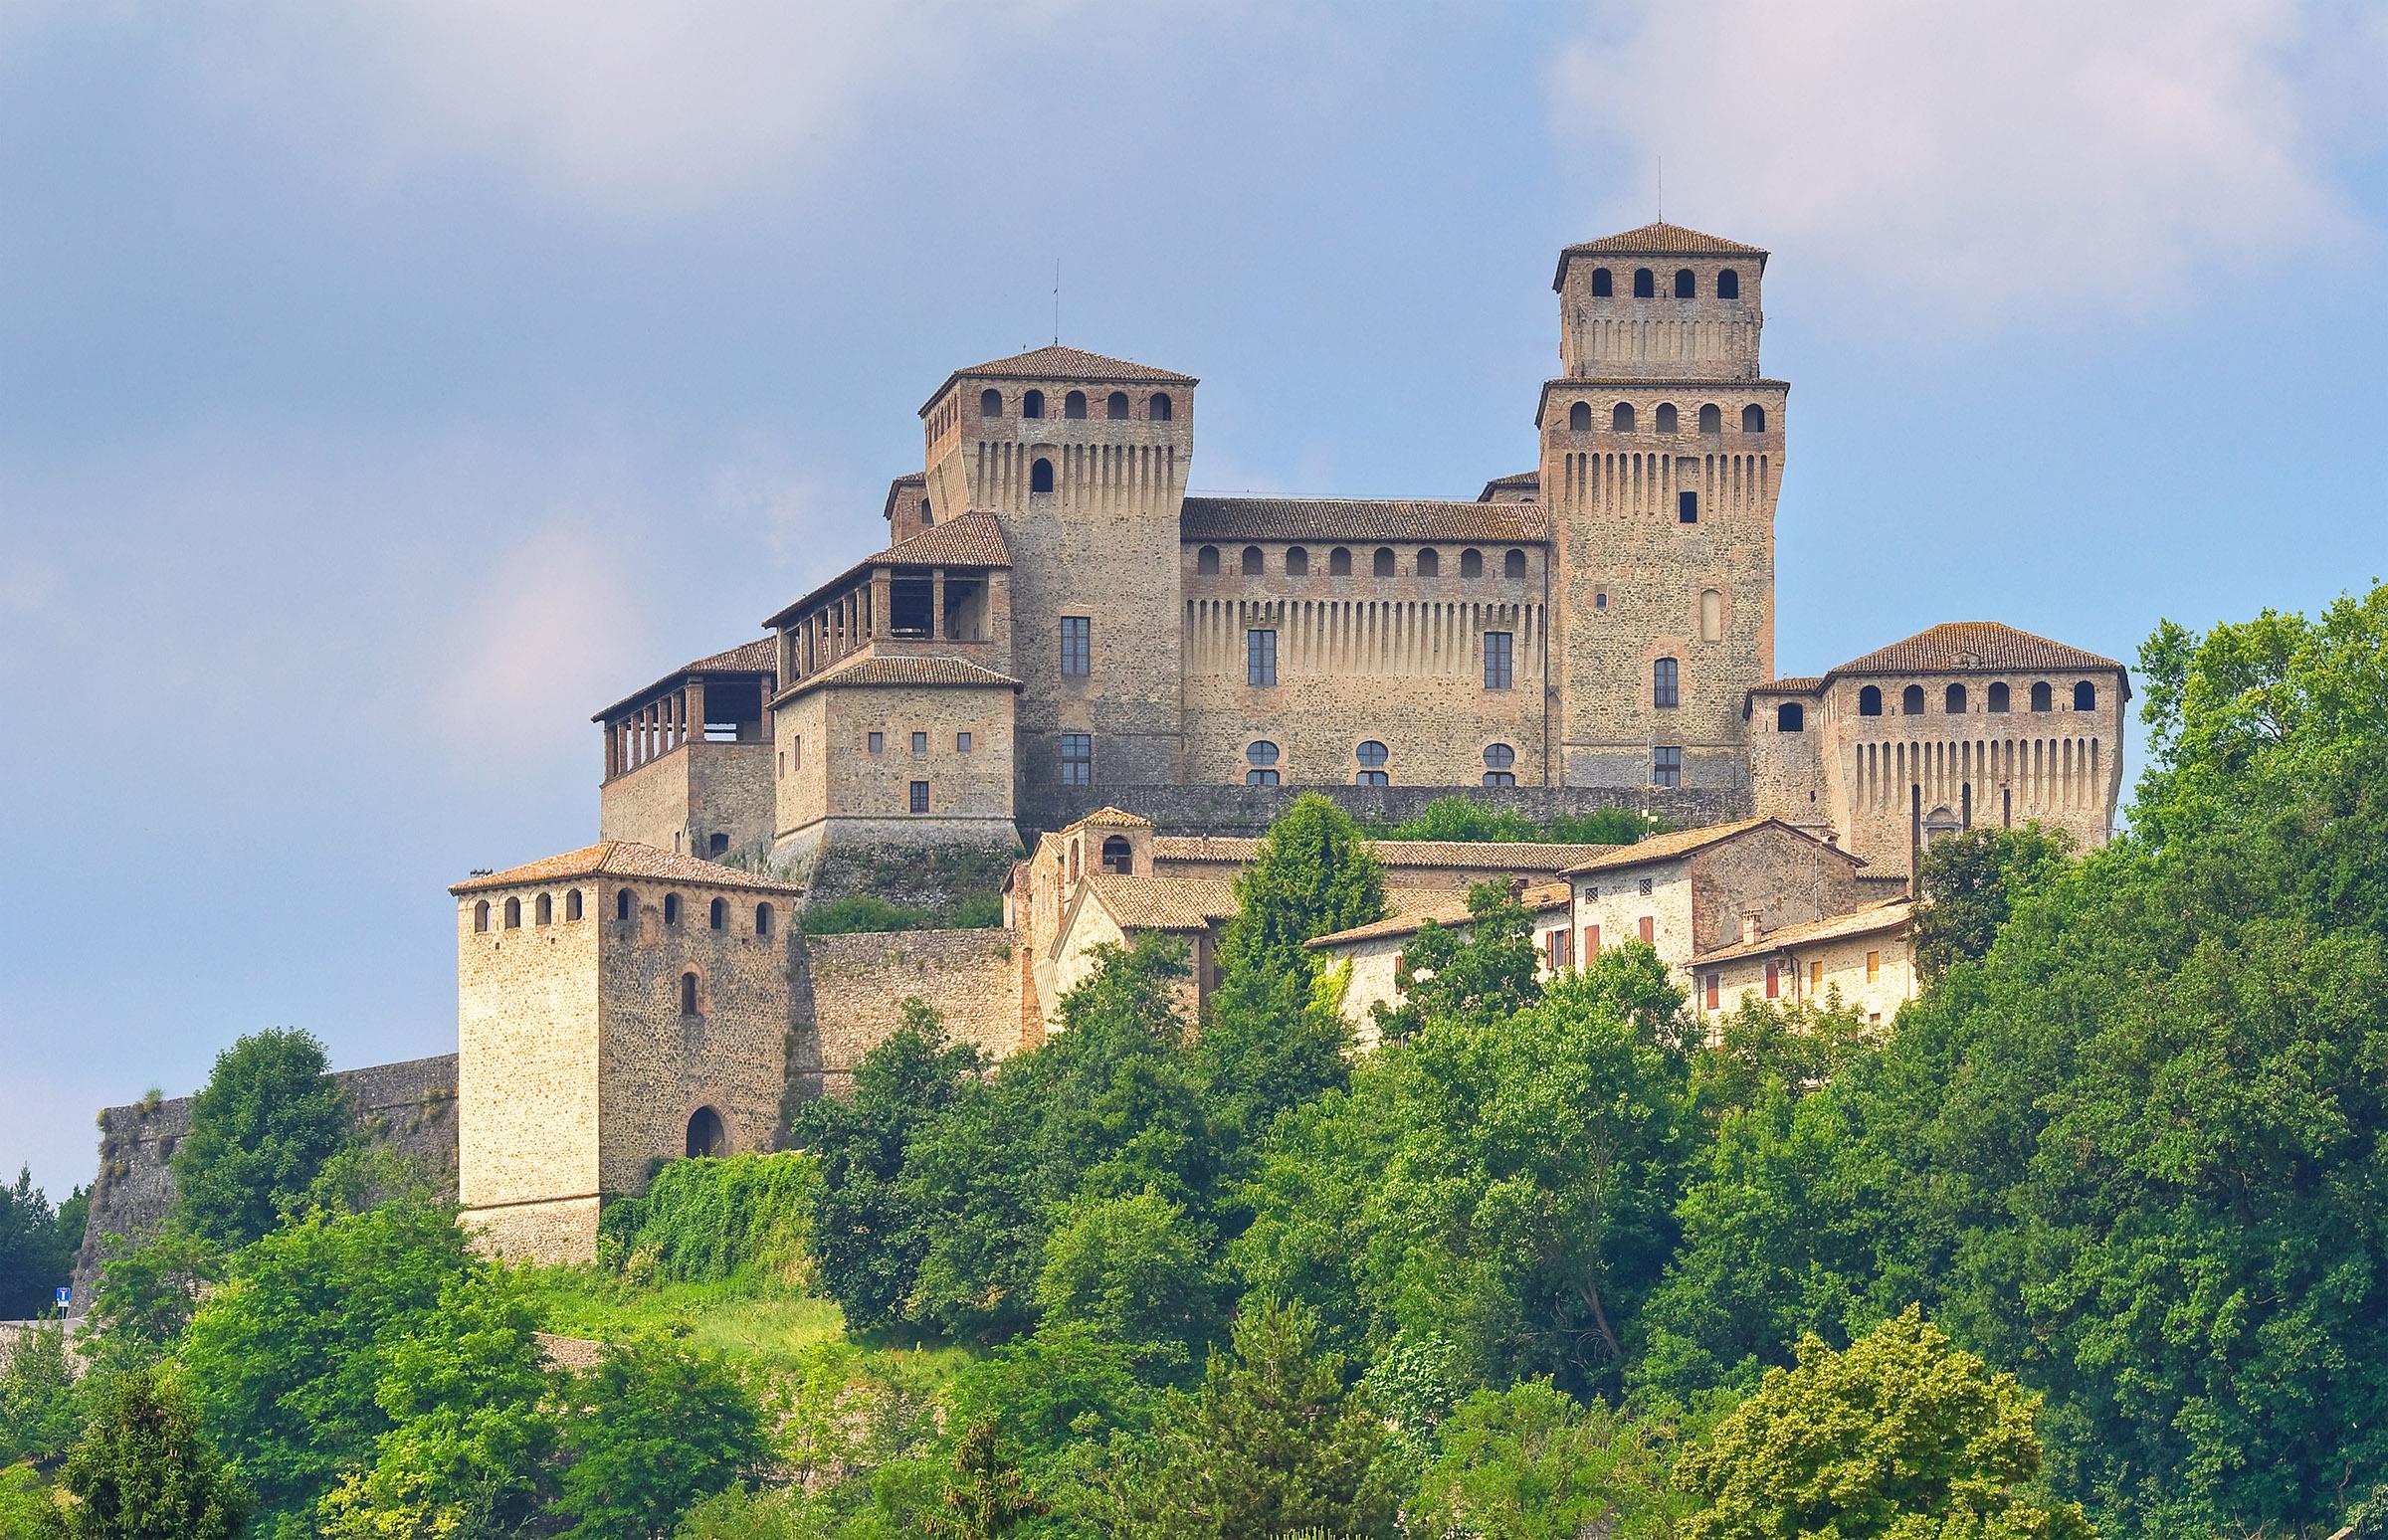 Castello di Torrechiara, Parma, Emilia Romagna